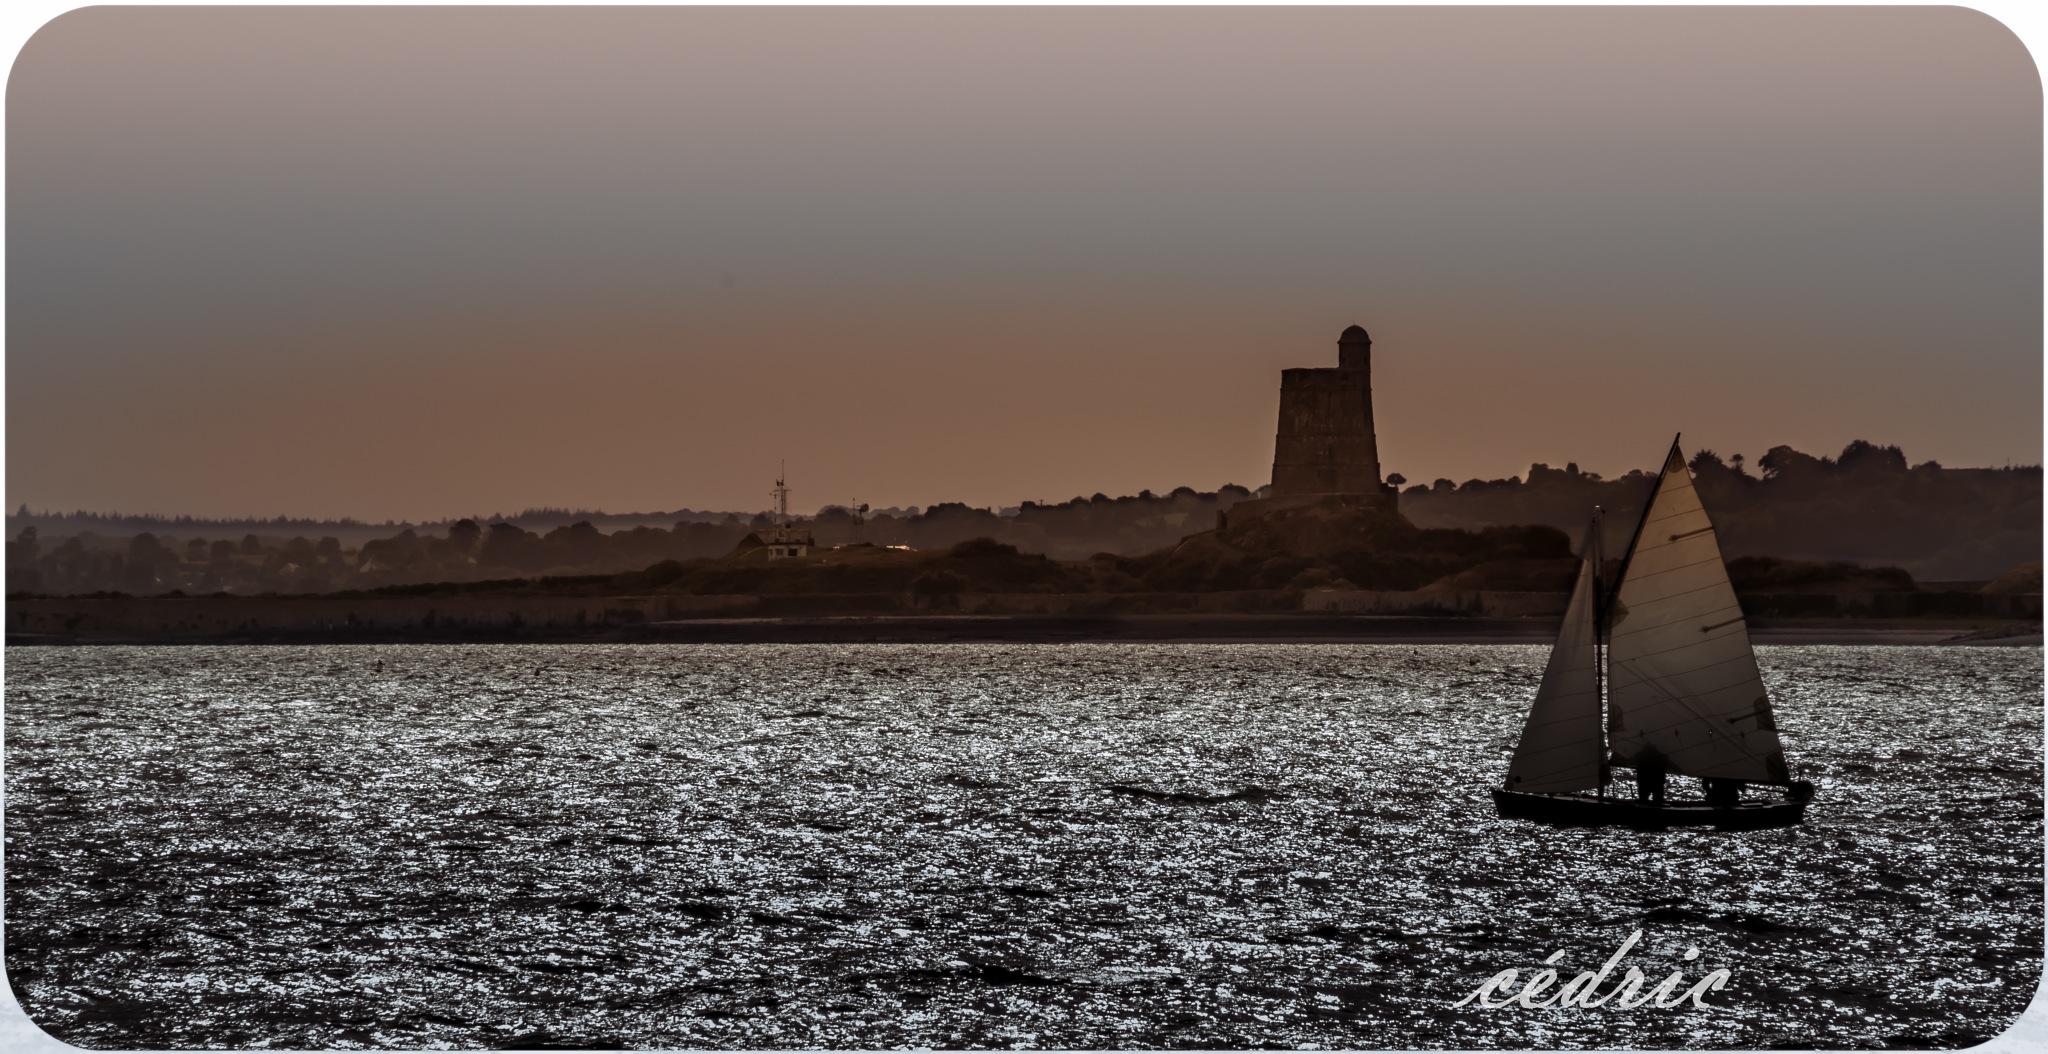 voilier au large de l'ile de tatihou by cedricloy8